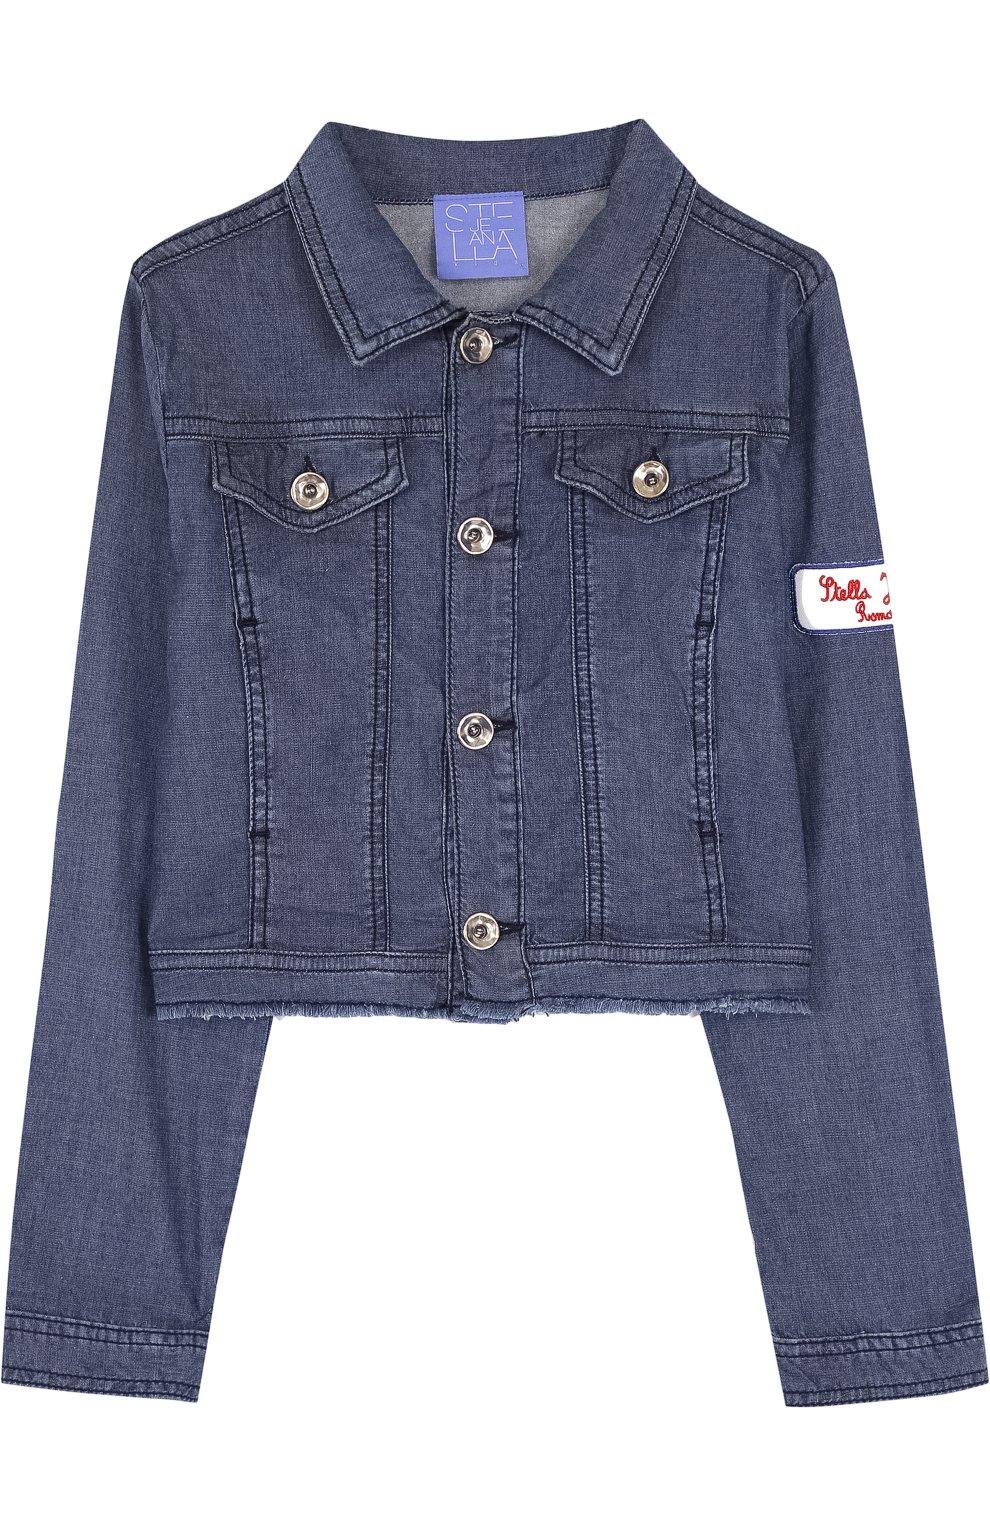 Детская джинсовая куртка с нашивкой STELLA JEAN KIDS синего цвета, арт. J/JF/SJ01/1037/8A-14A | Фото 1